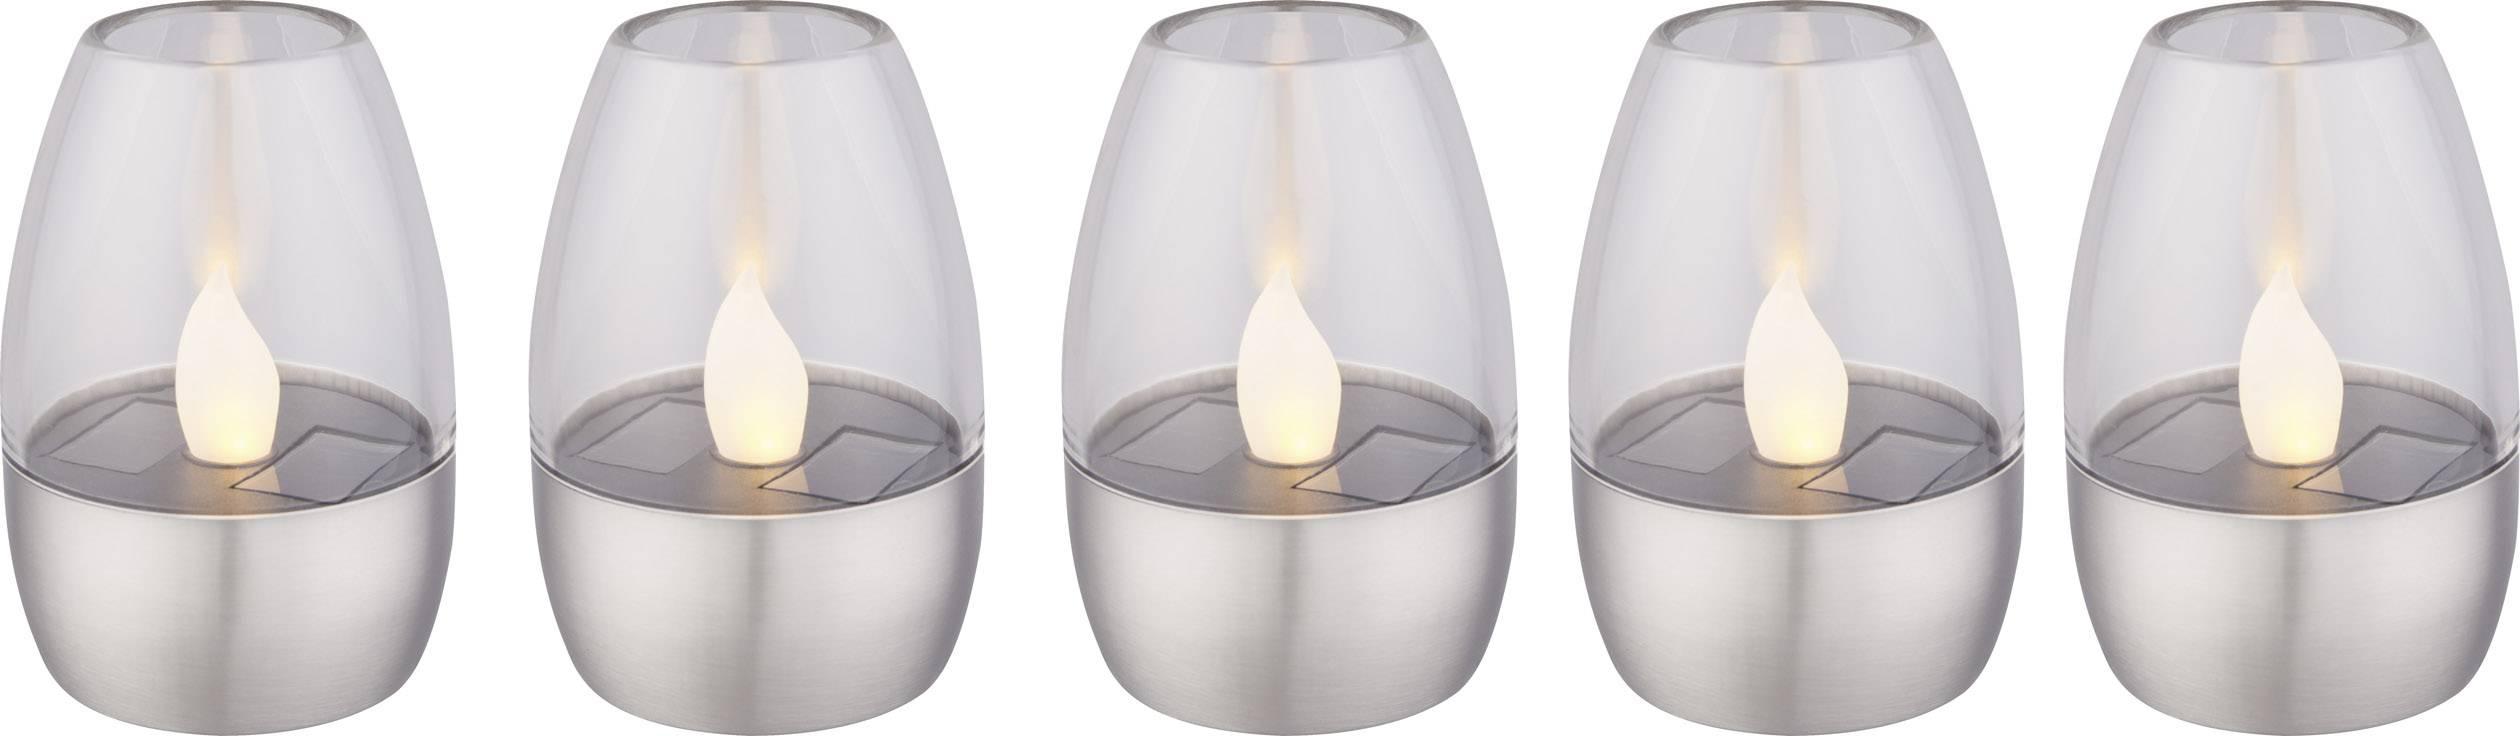 Solární dekorativní osvětlení 0.06 W teplá bílá Polarlite PL-8228600 nerezová ocel